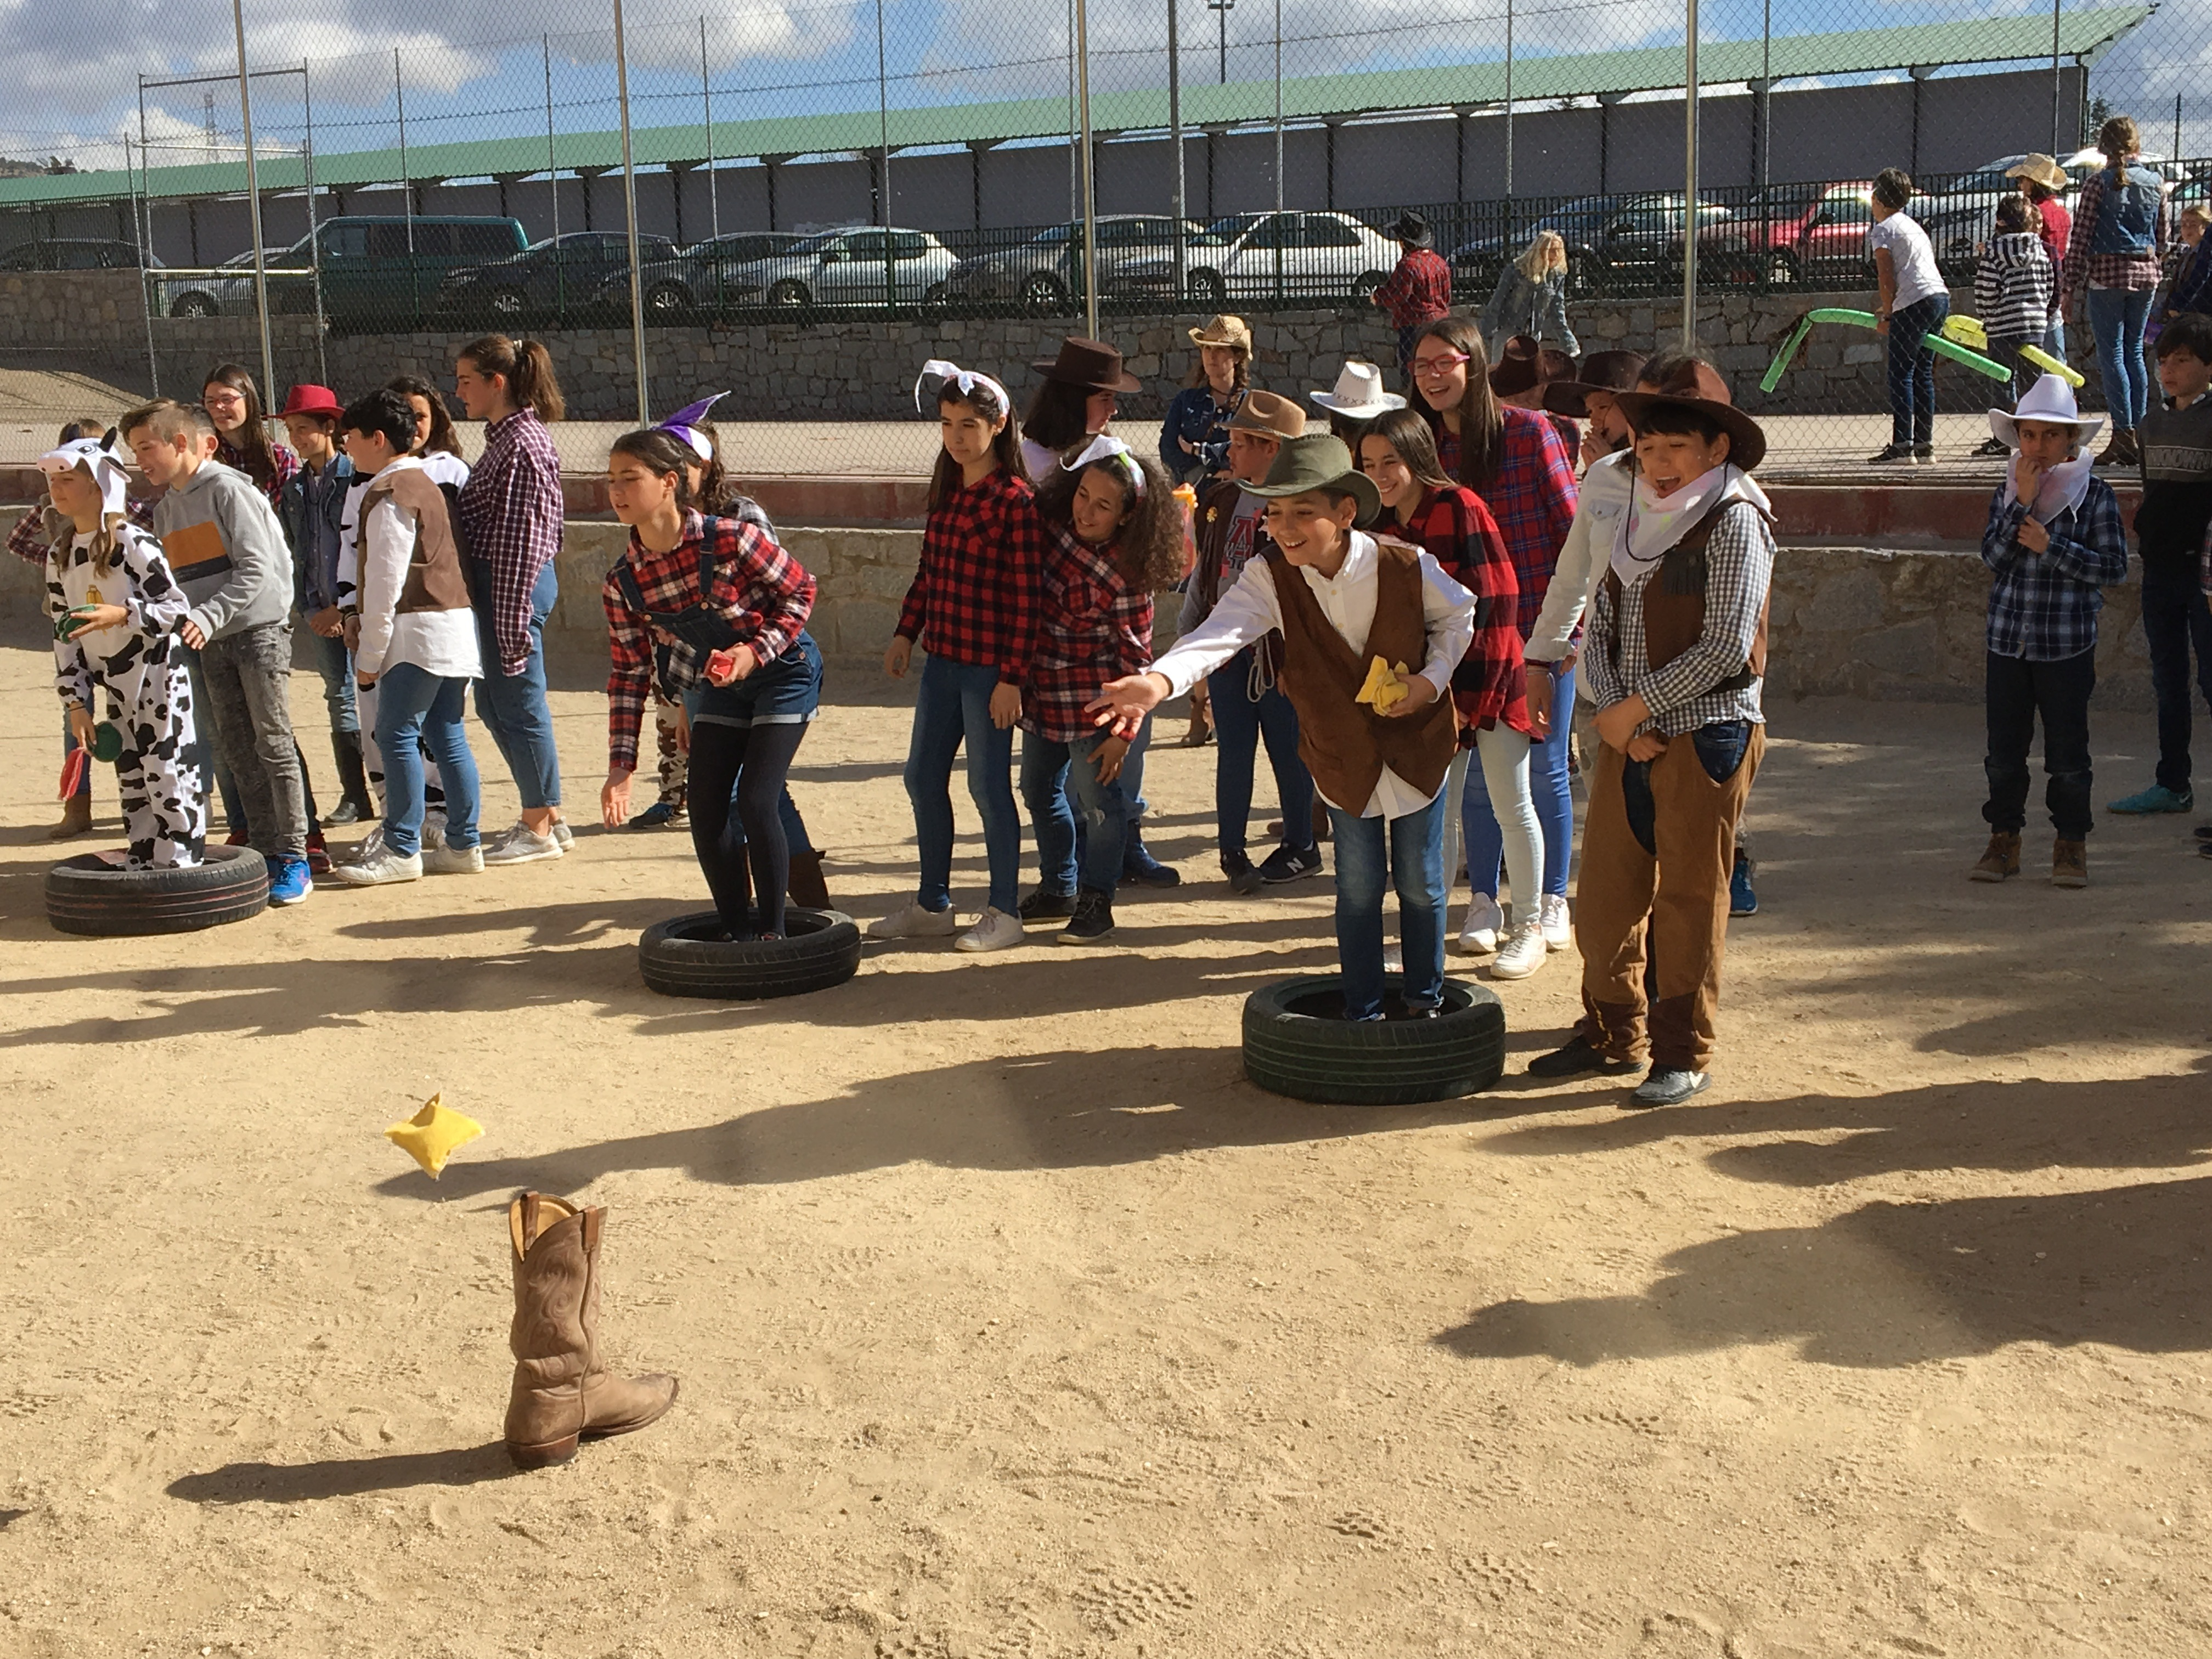 6º disfrutando del Carnaval: El Rodeo de Texas. 17